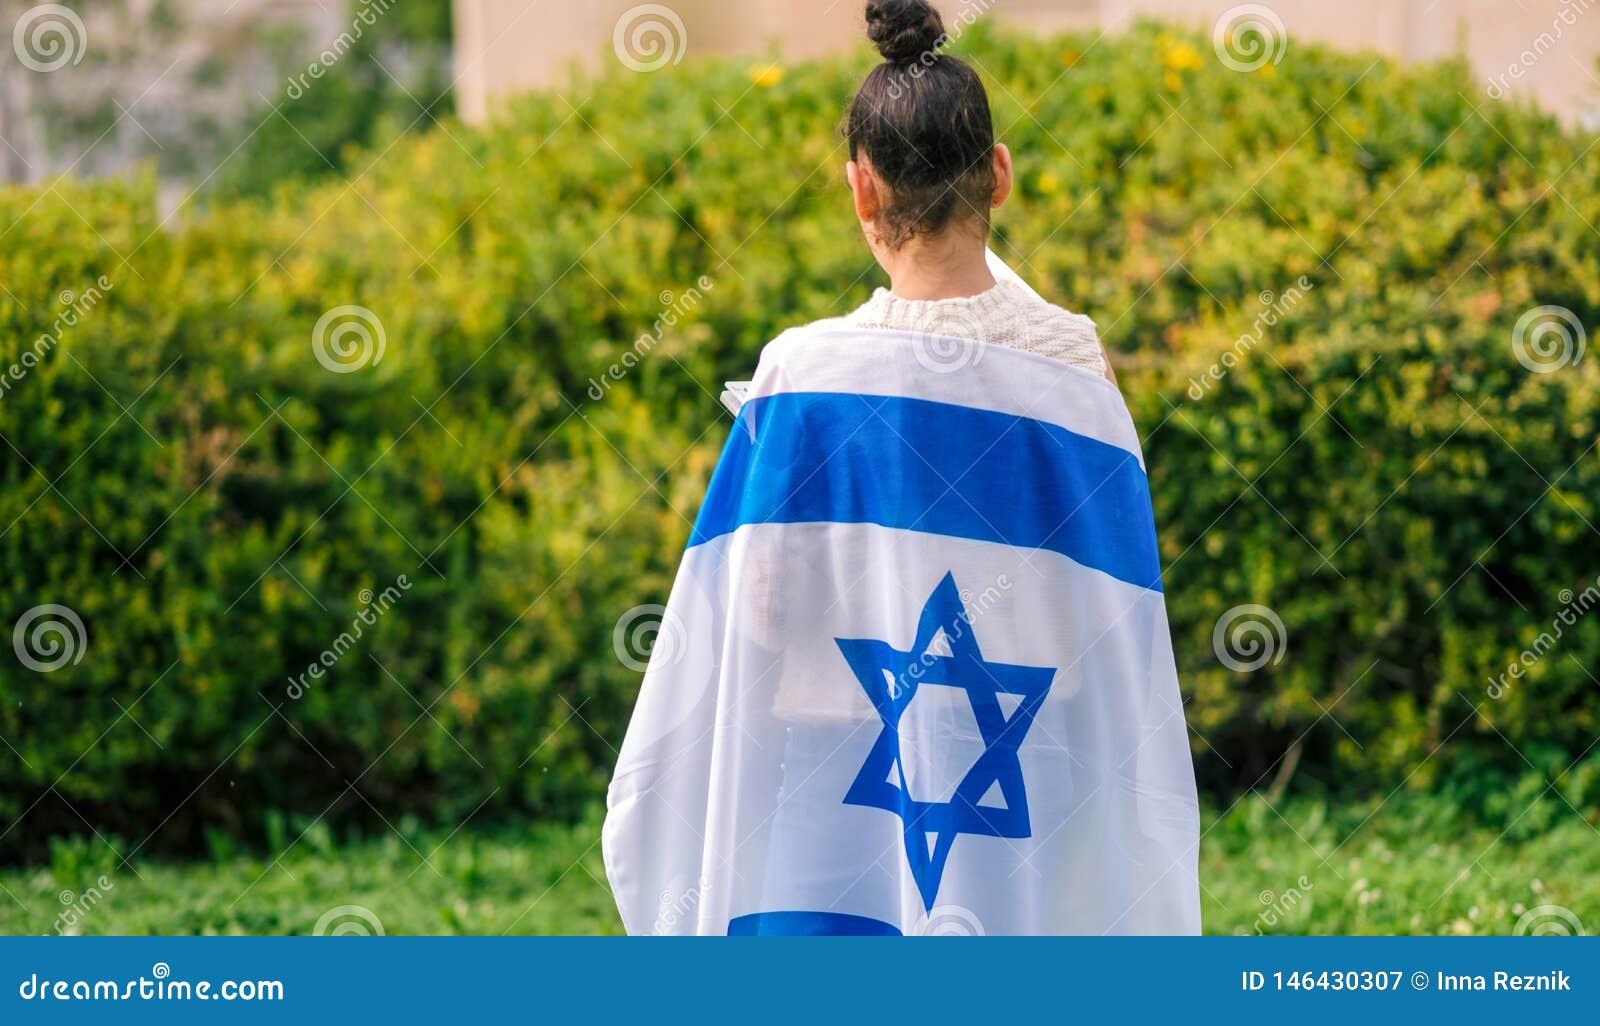 Menina judaica da vista traseira com a bandeira israelita envolvida em torno dela